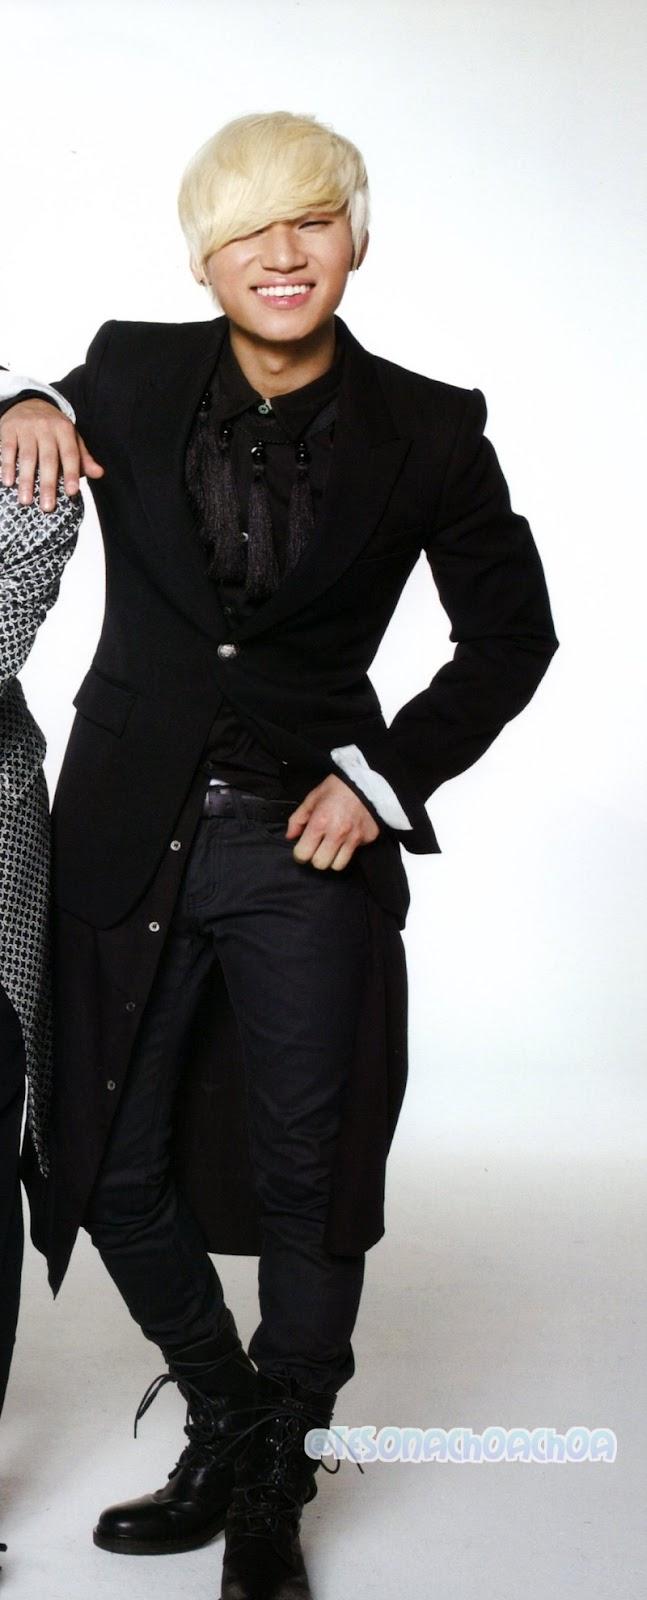 Daesung Photos Bigbangupdates+Daesung+Alive+Scans_010